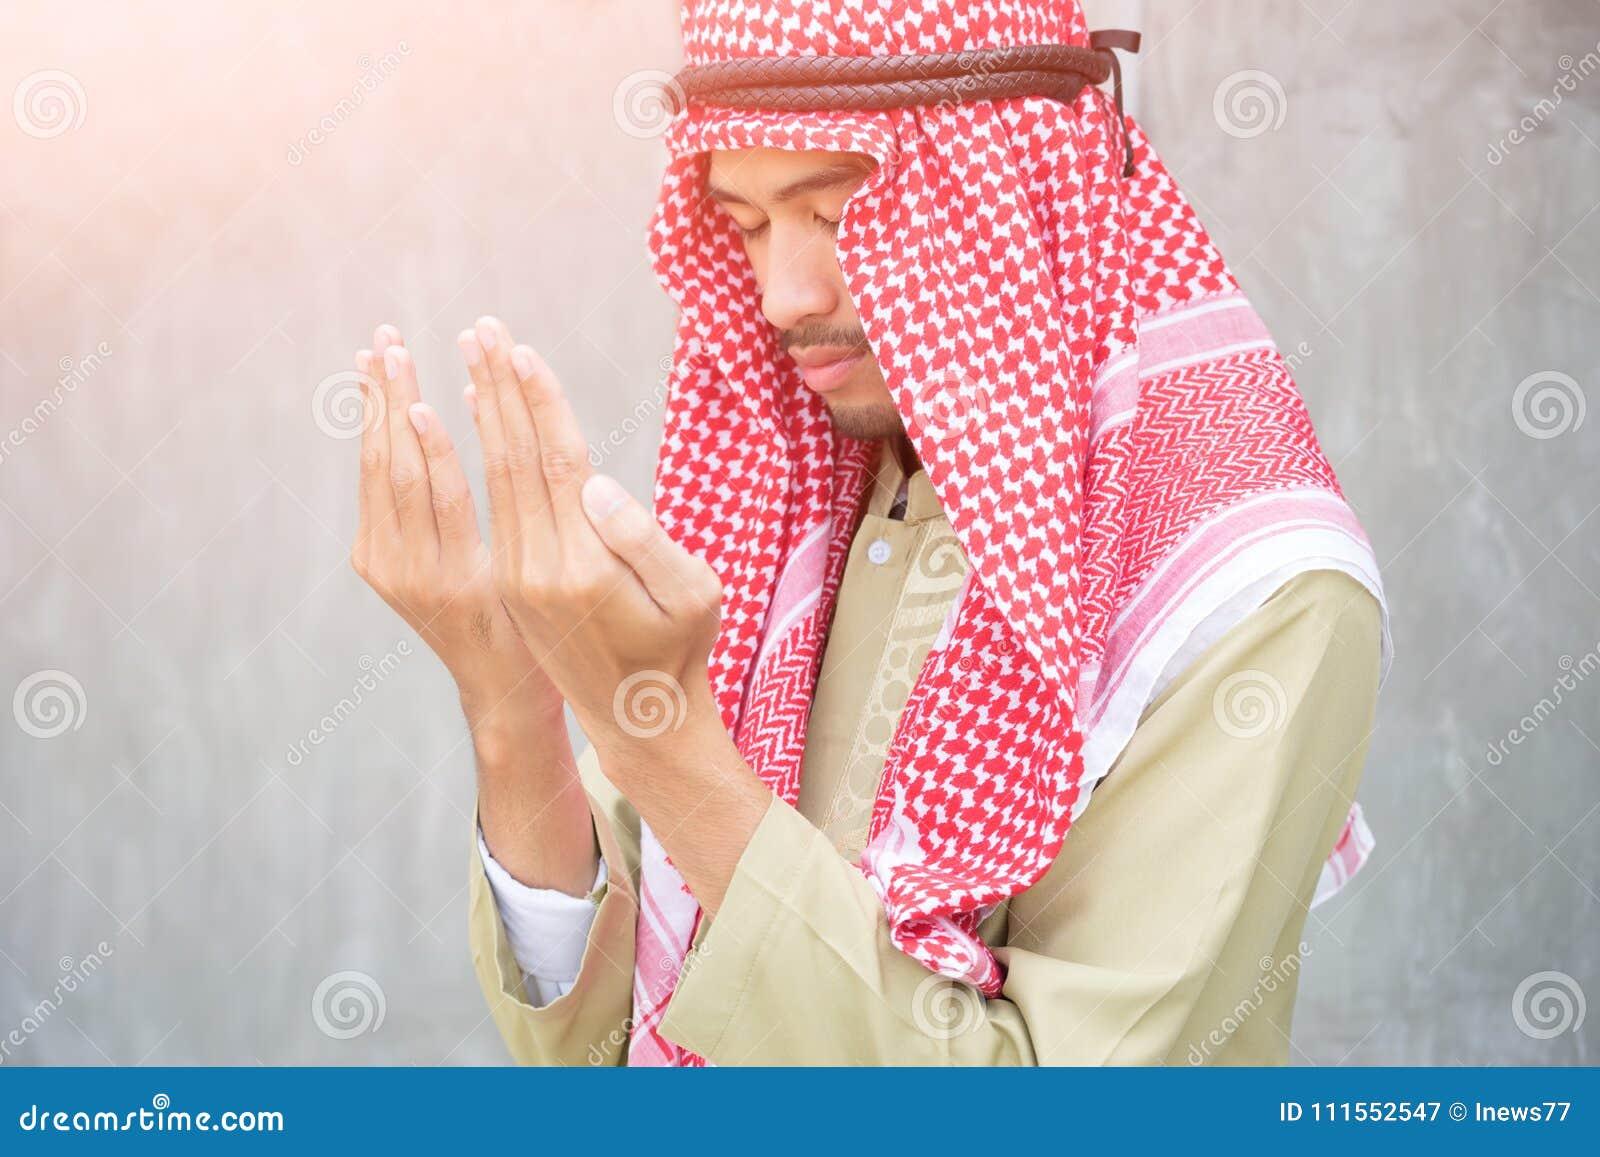 Pregare arabo musulmano dell uomo, concetto di preghiera per fede, spiritualità e religione